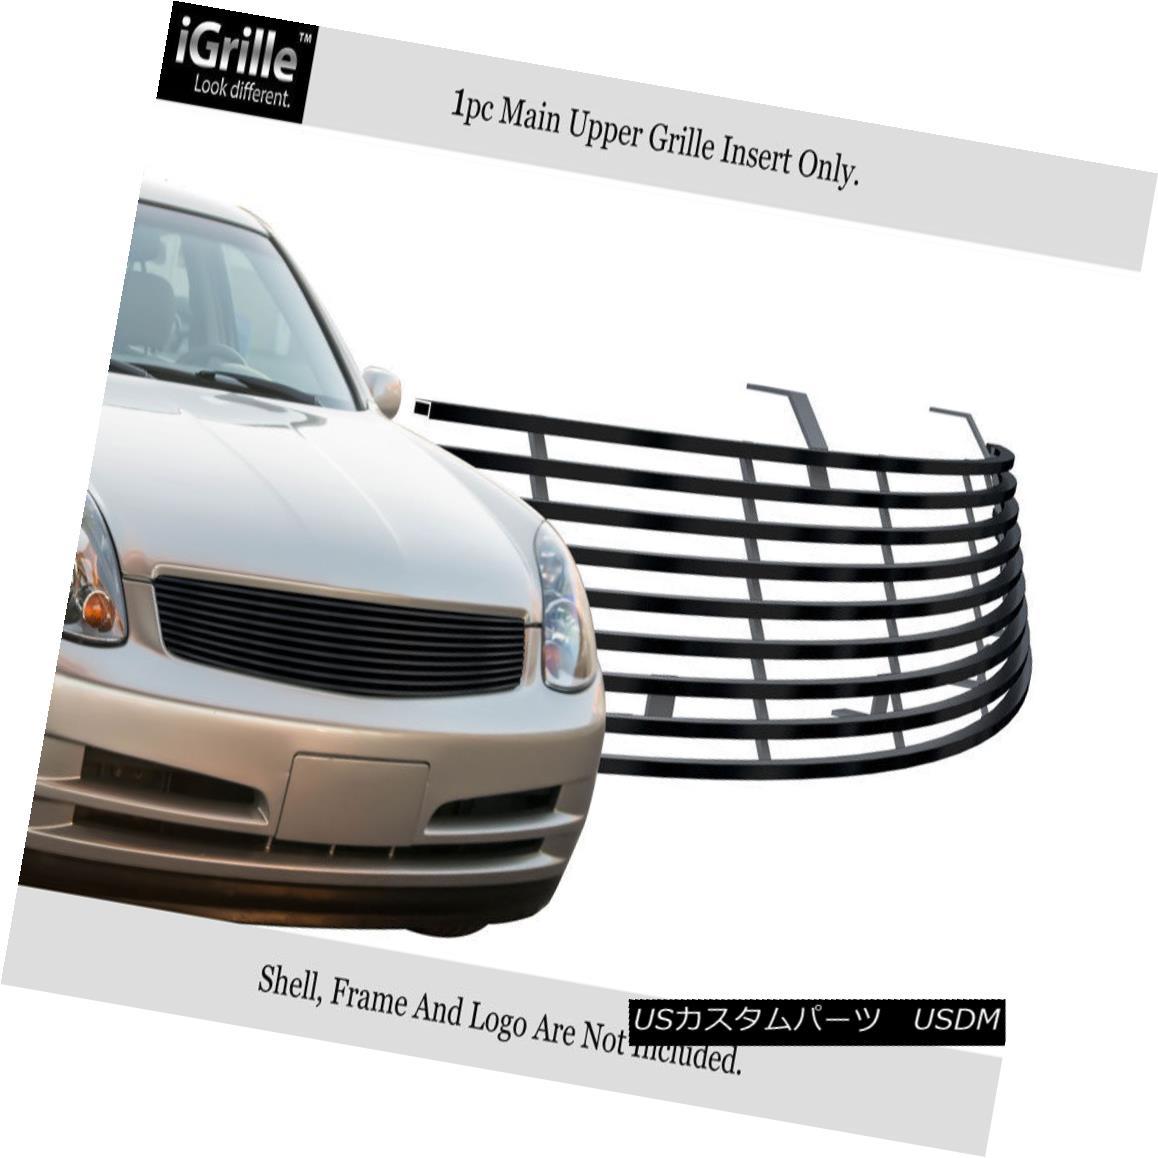 グリル Fits 2003-2004 Infiniti G35 Sedan Stainless Steel Black Billet Grille フィット2003-2004インフィニティG35セダンステンレススチールブラックビレットグリル